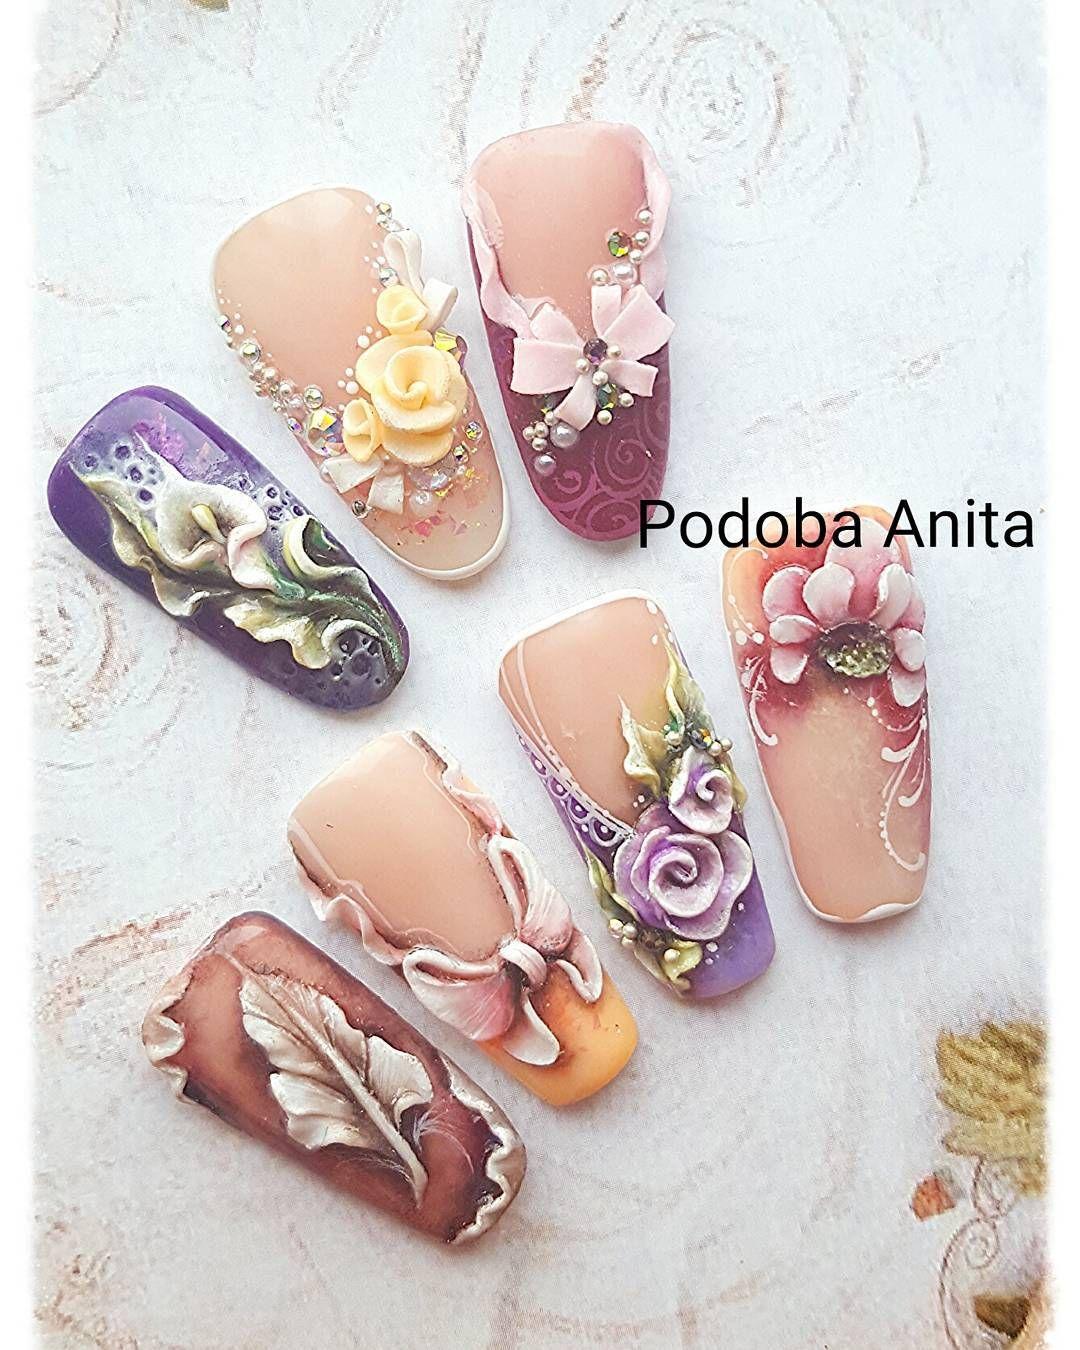 Sieh dir dieses instagramfoto von anitapodoba an u gefällt